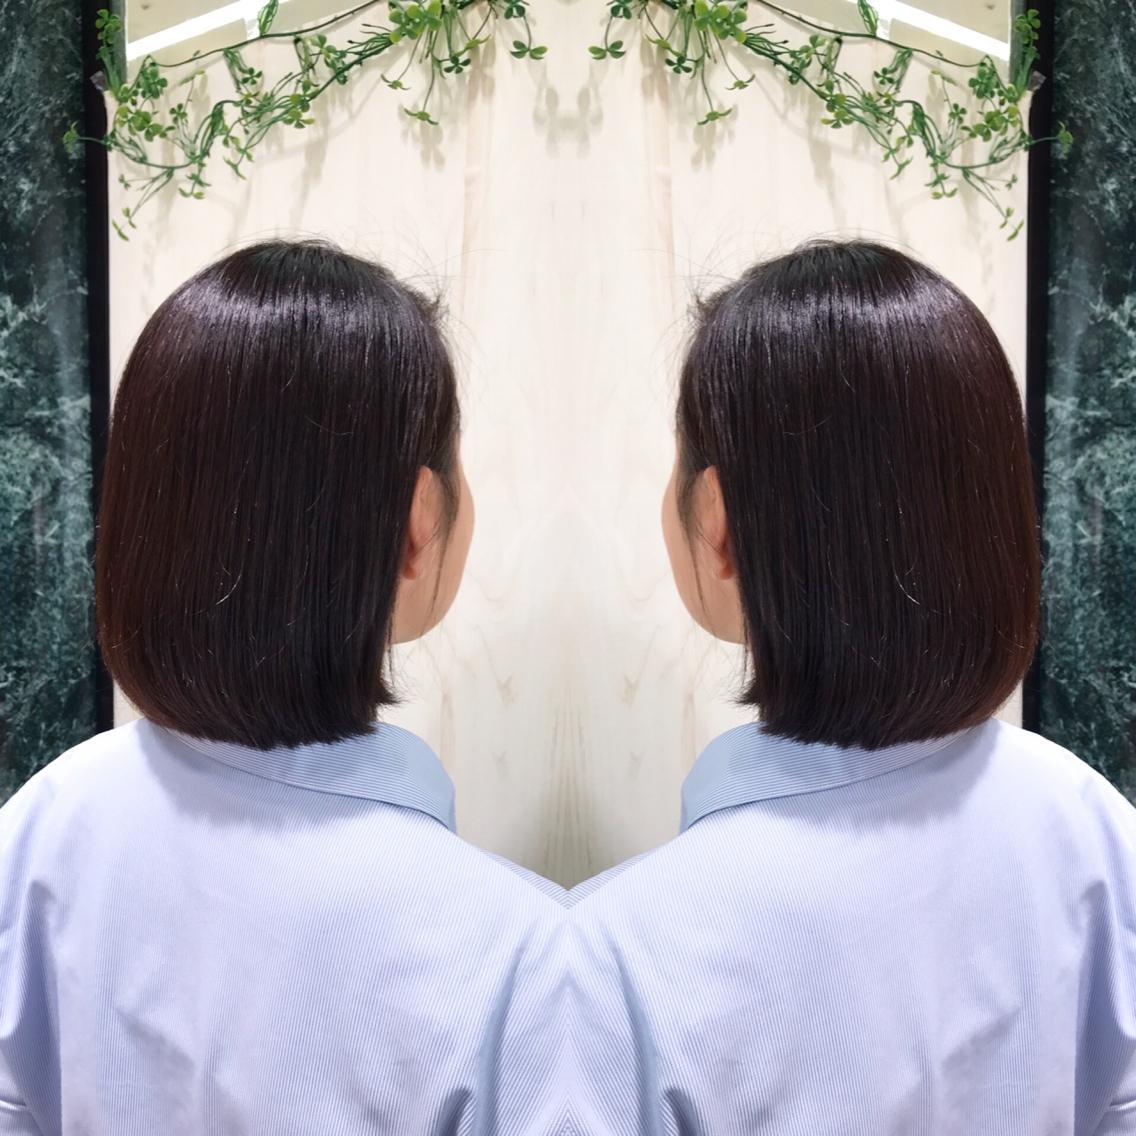 #ミディアム #パーマ 髪を綺麗に伸ばしたい方へ…プレミアム縮毛矯正💇✨